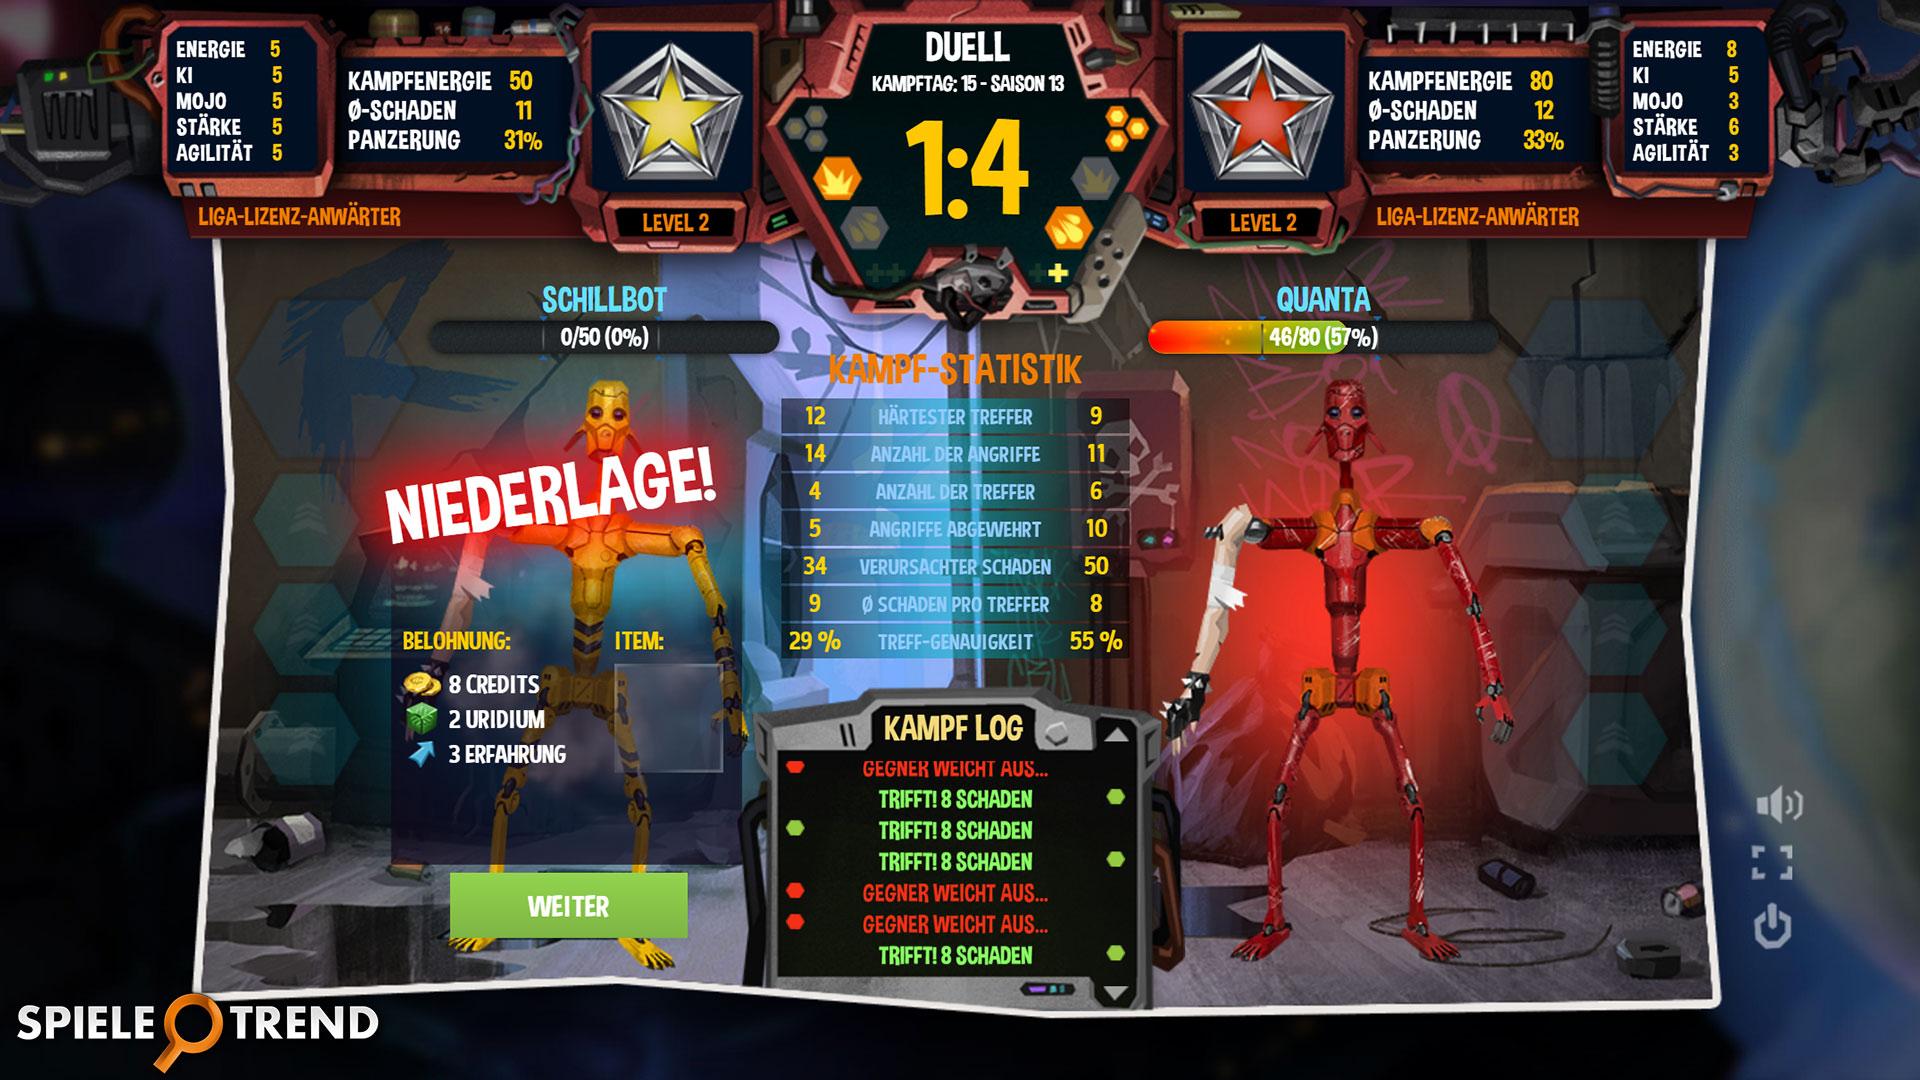 Kampf Spiele Online